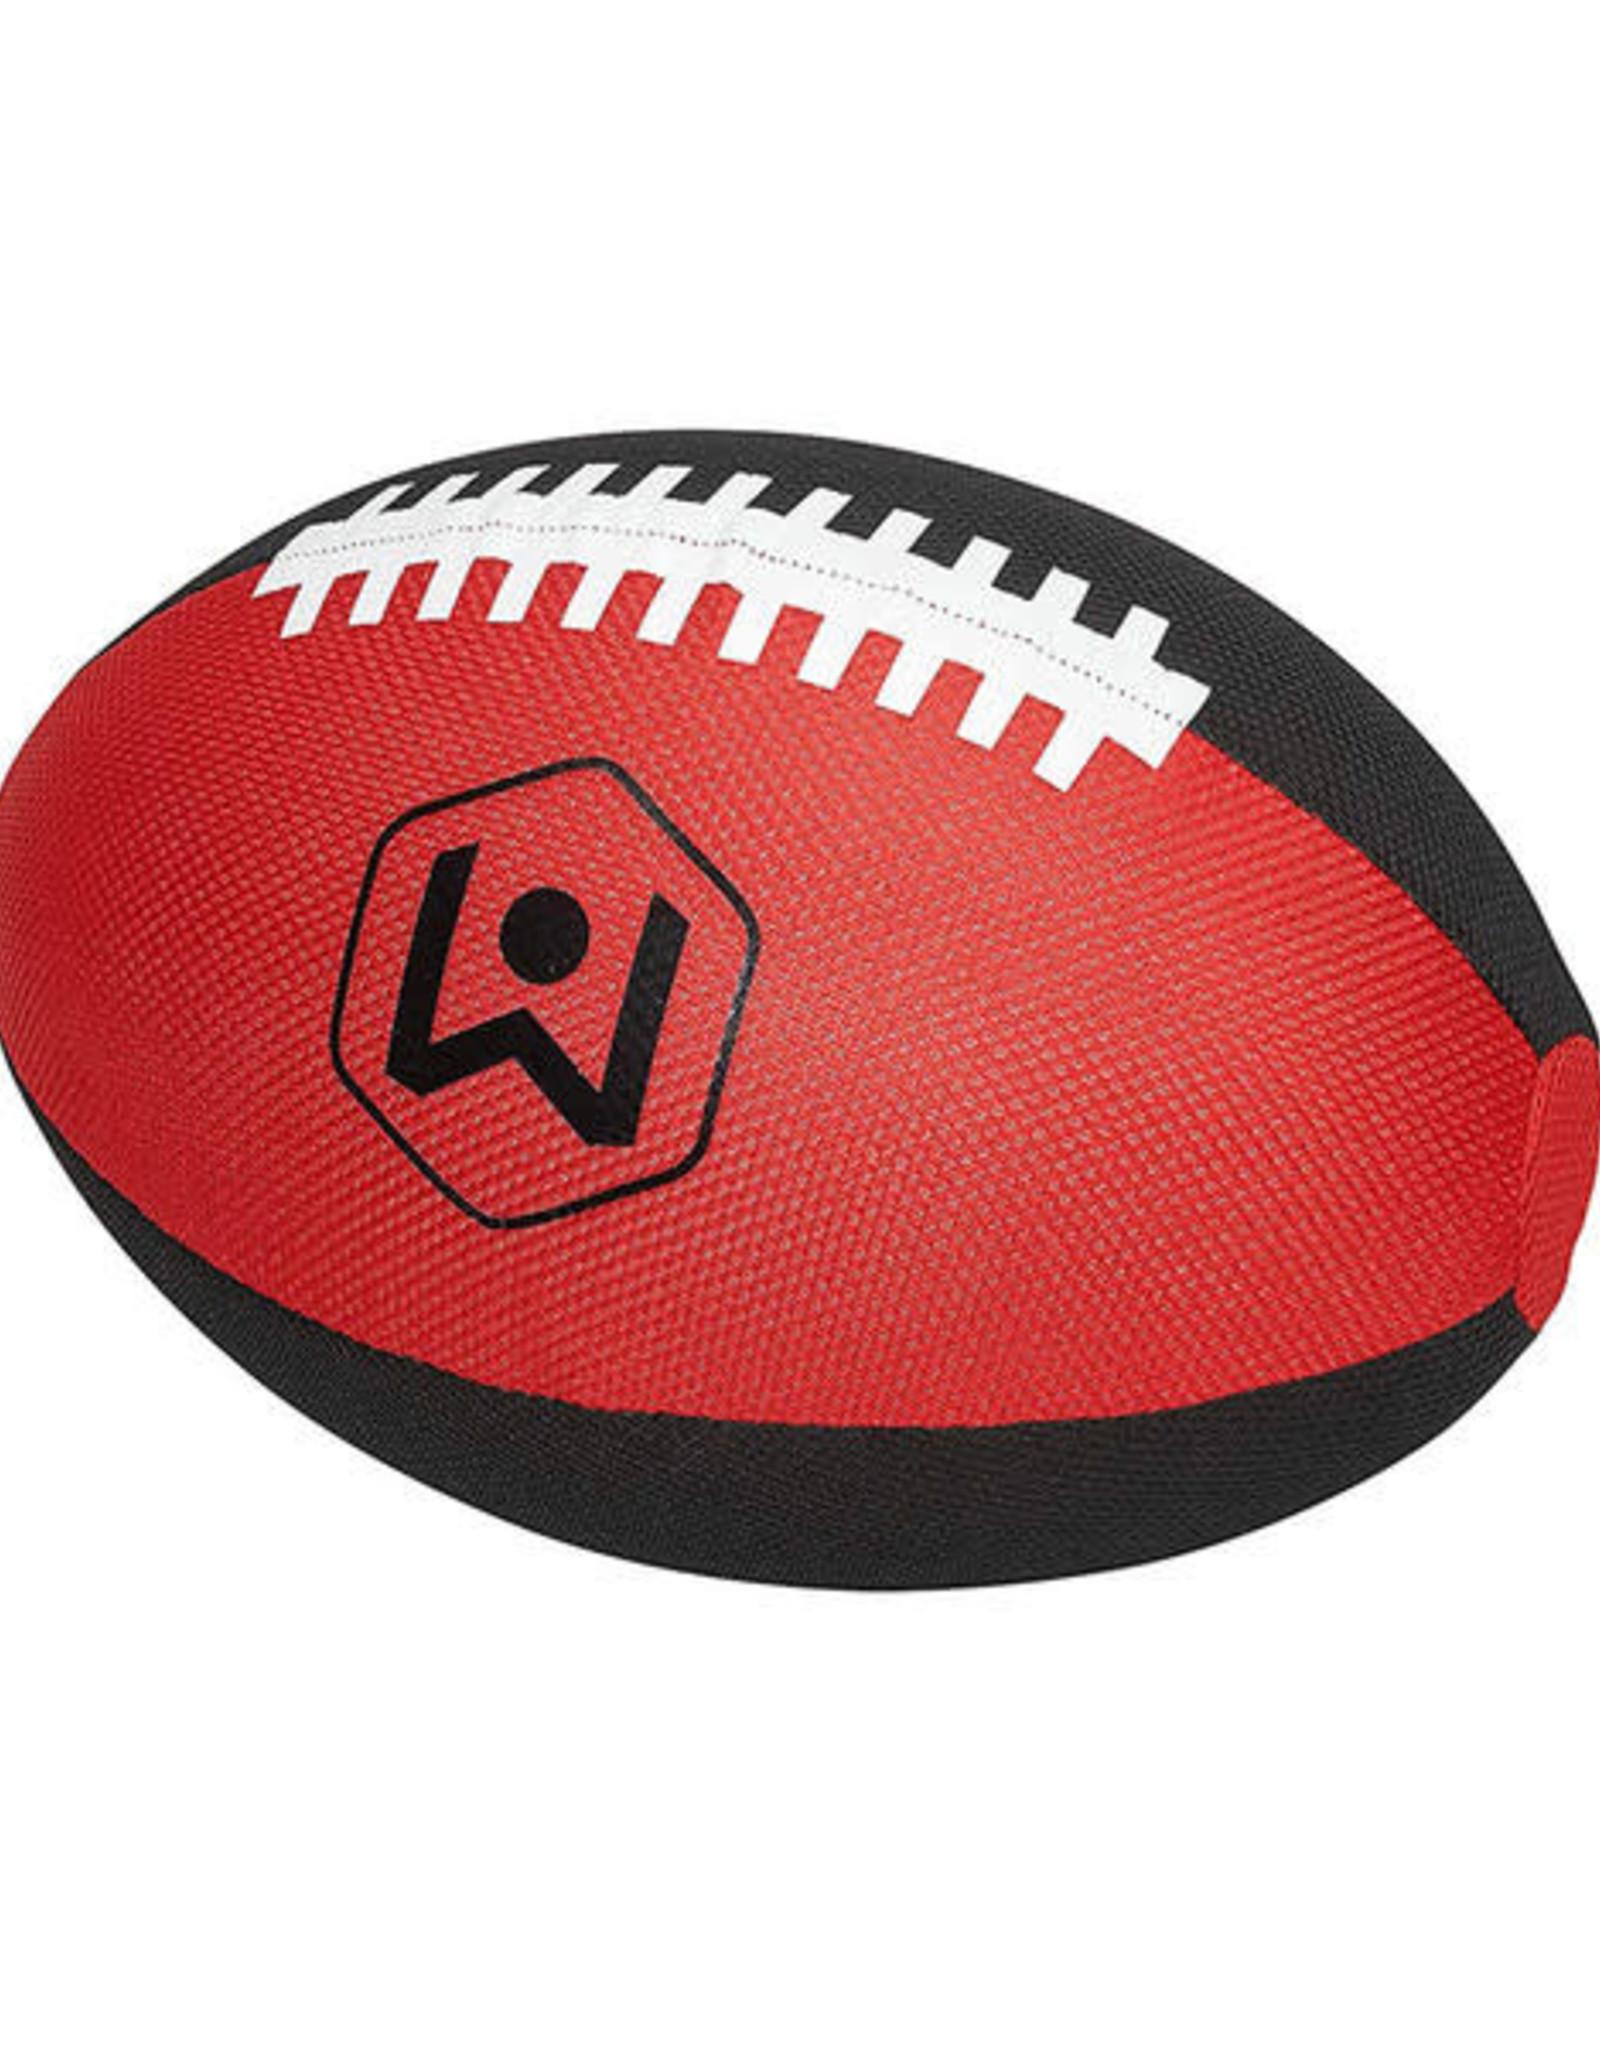 Little Kids WBS Wicked Big Football